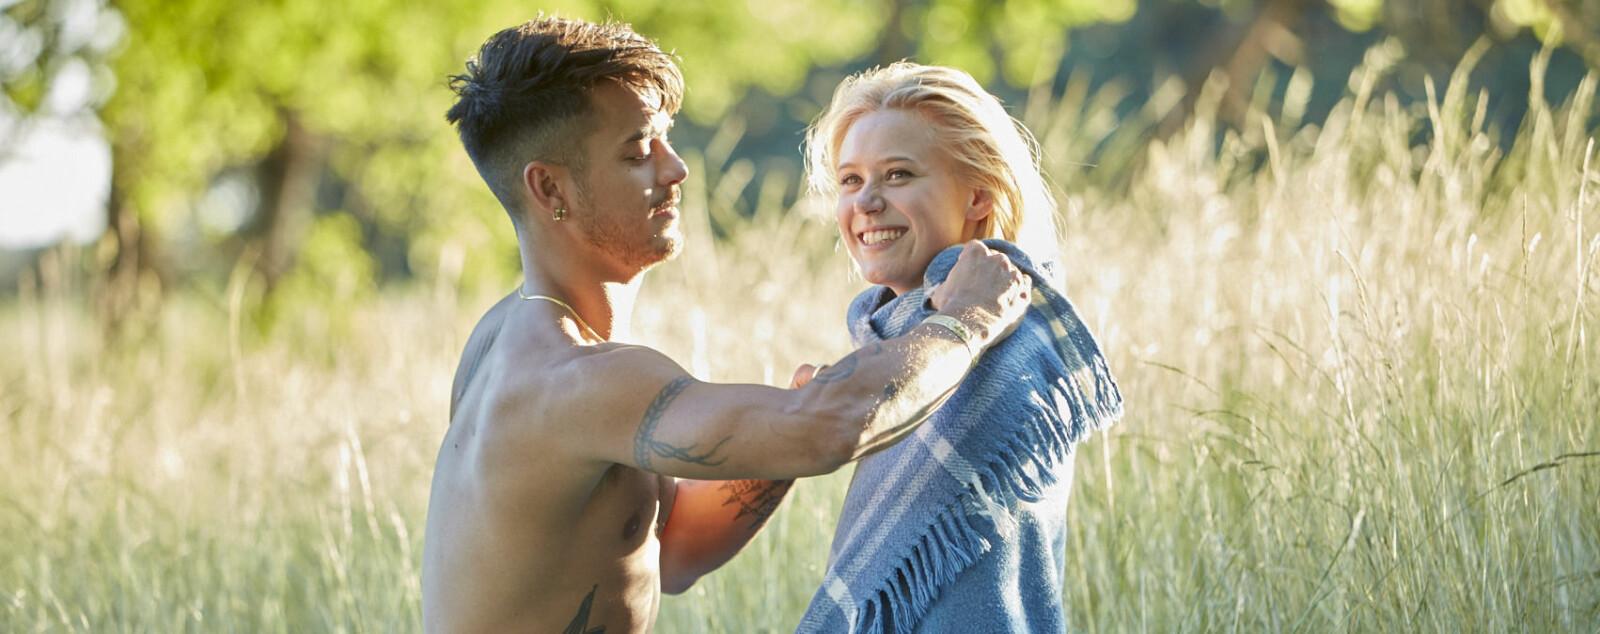 <b>JOSEFINE PETTERSEN </b>og den svenske thaibokseren Sanny Dahlbeck slår et slag for komdombruk i en ny reklamekampanje. Her fra bakom filminnspillingen.